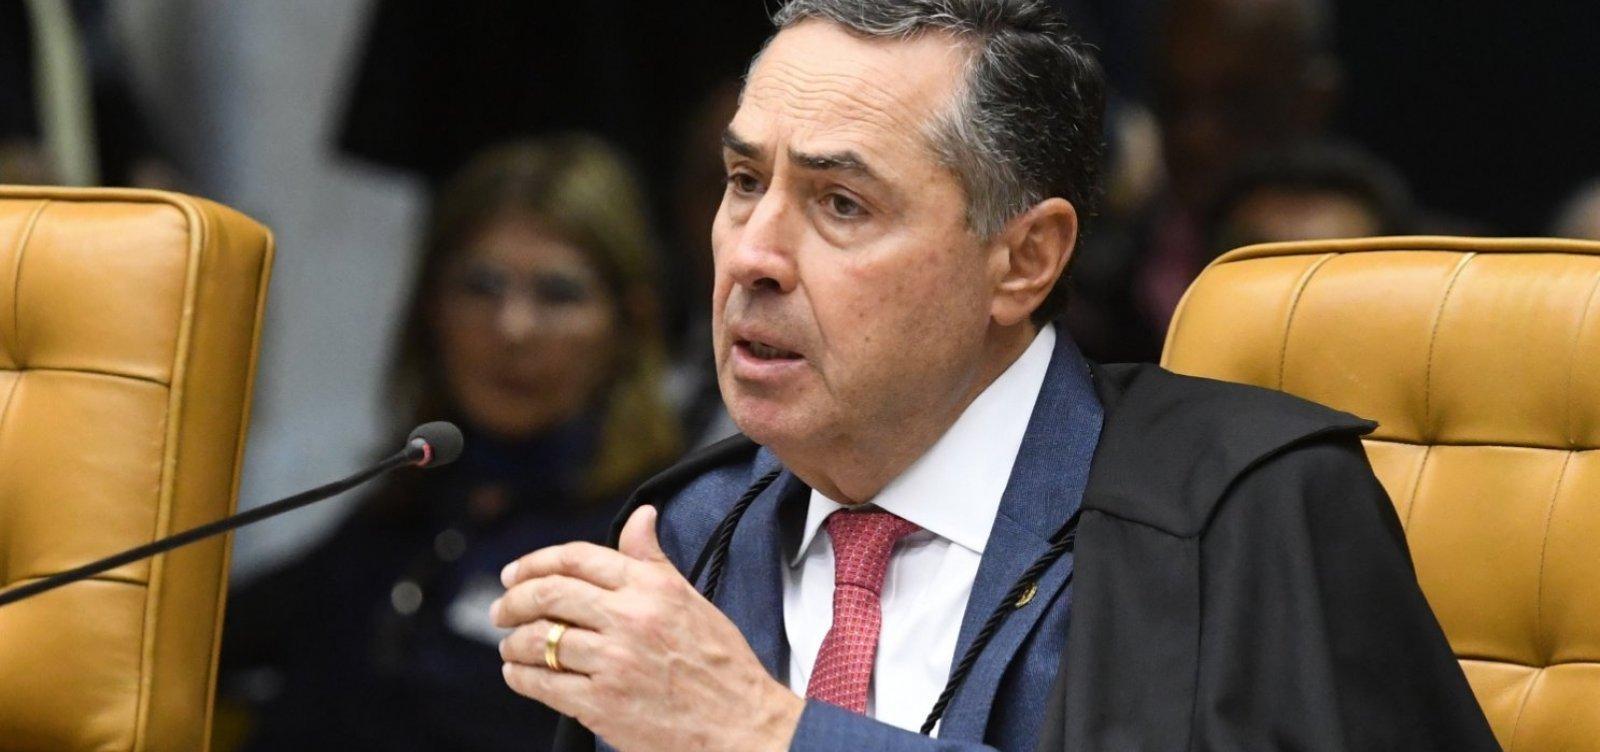 Ministro Luís Roberto Barroso é eleito novo presidente do TSE - Metro 1